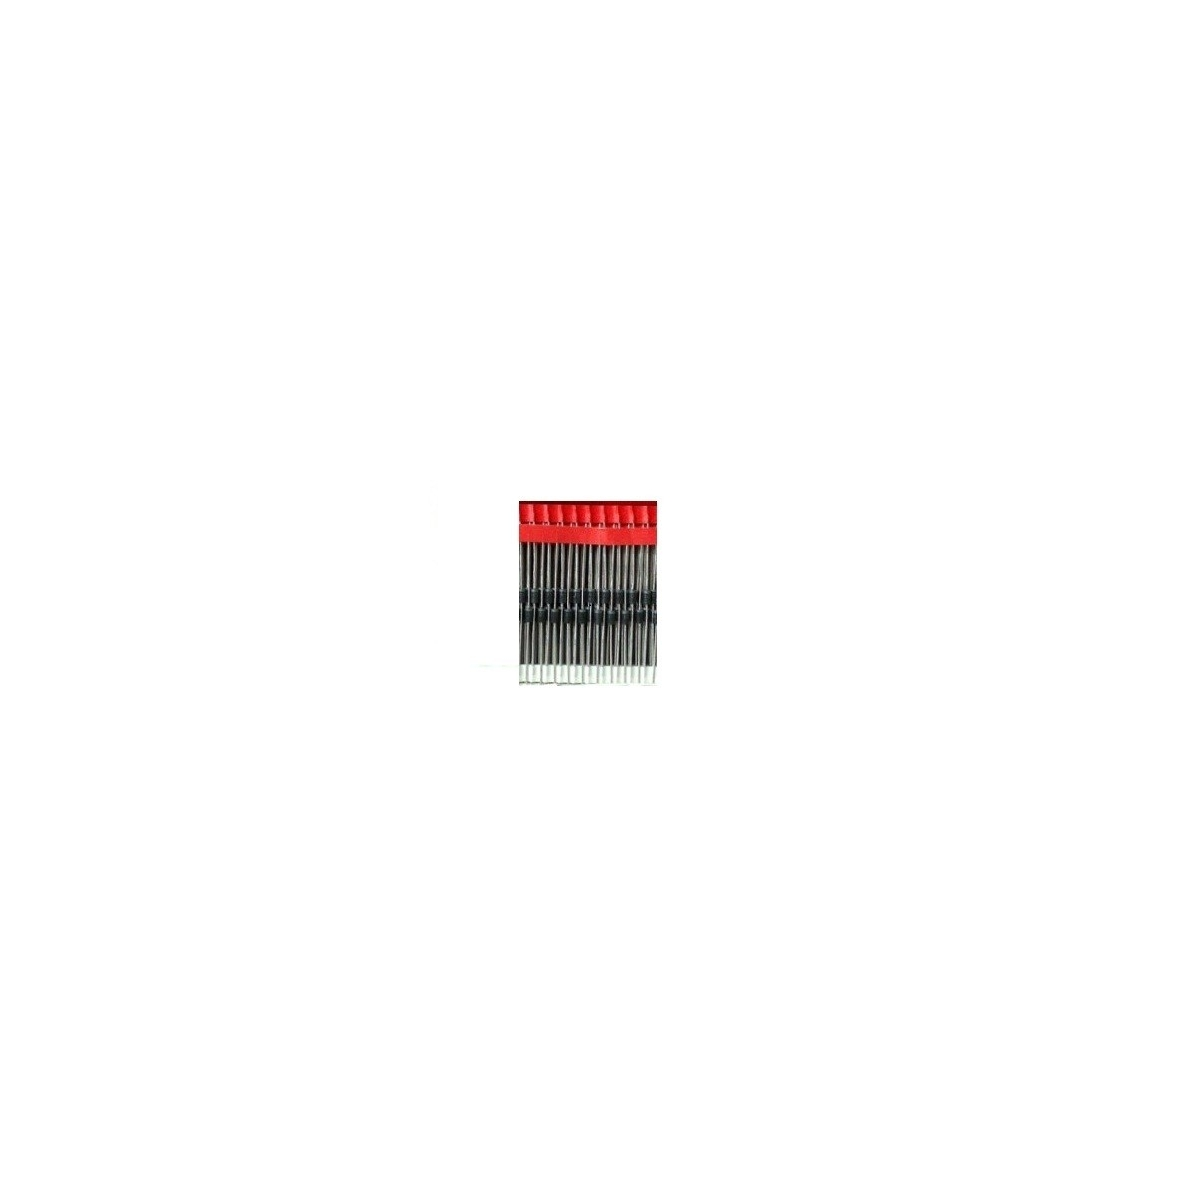 ZENNER 5W-1N 5357 - 20V